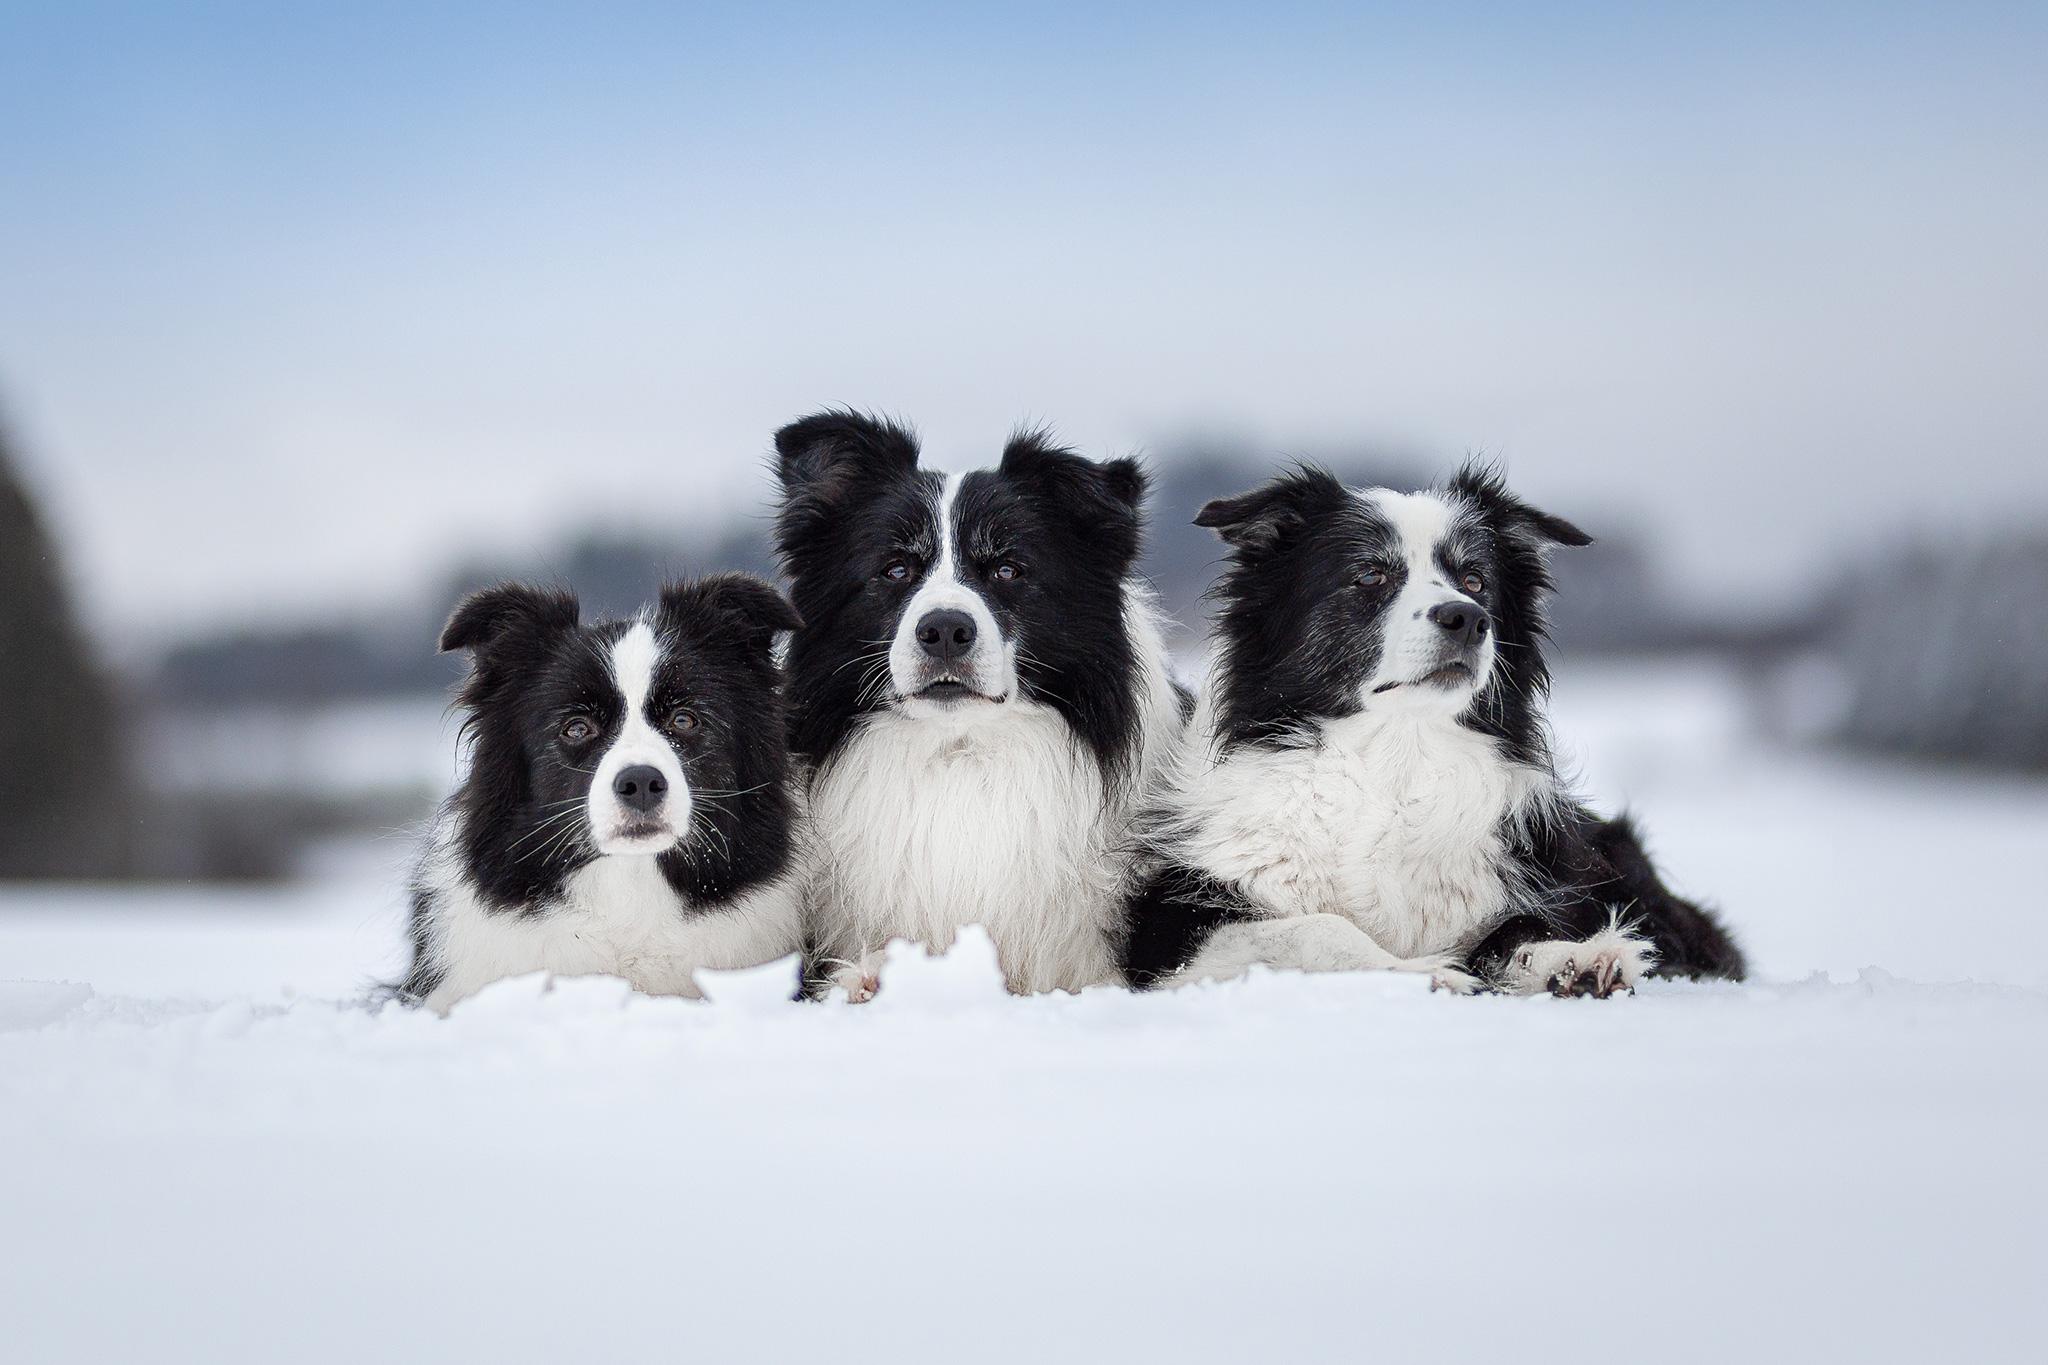 28|12|2020 – Unsere Border Collies im Schnee: Heidi, Zion undNell